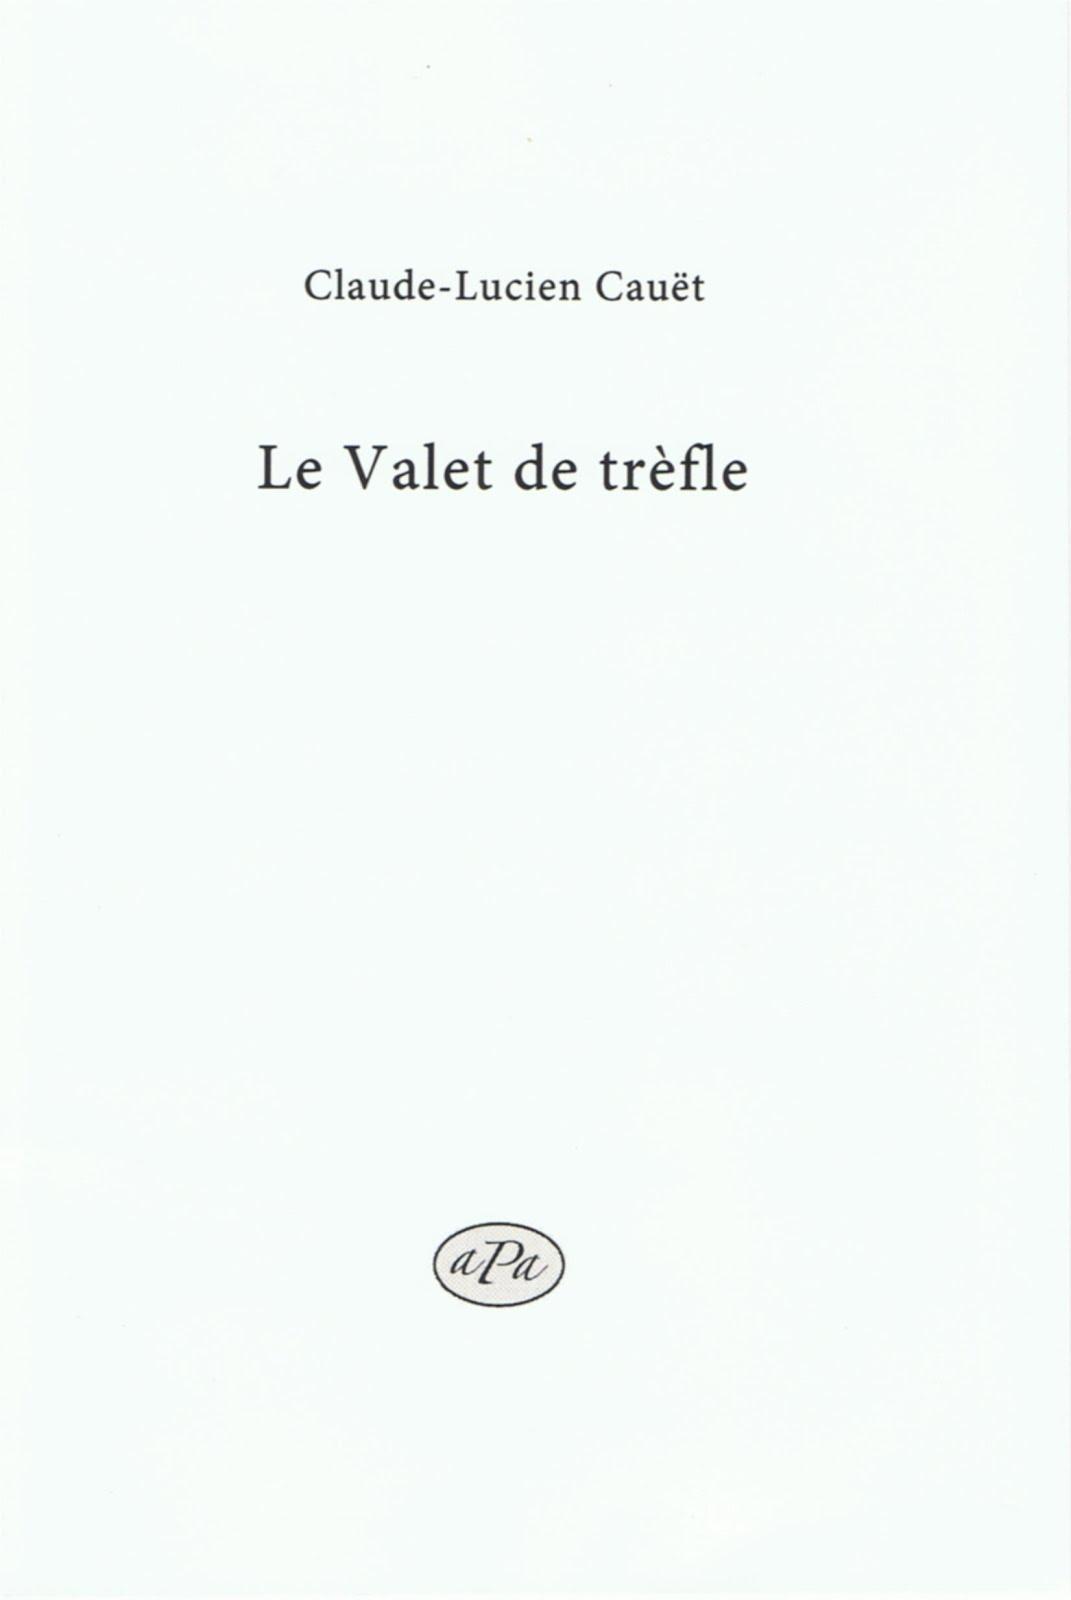 CLAUDE-LUCIEN CAUËT, LE VALET DE TRÈFLE (Poème), ÉDITIONS APA, 2019